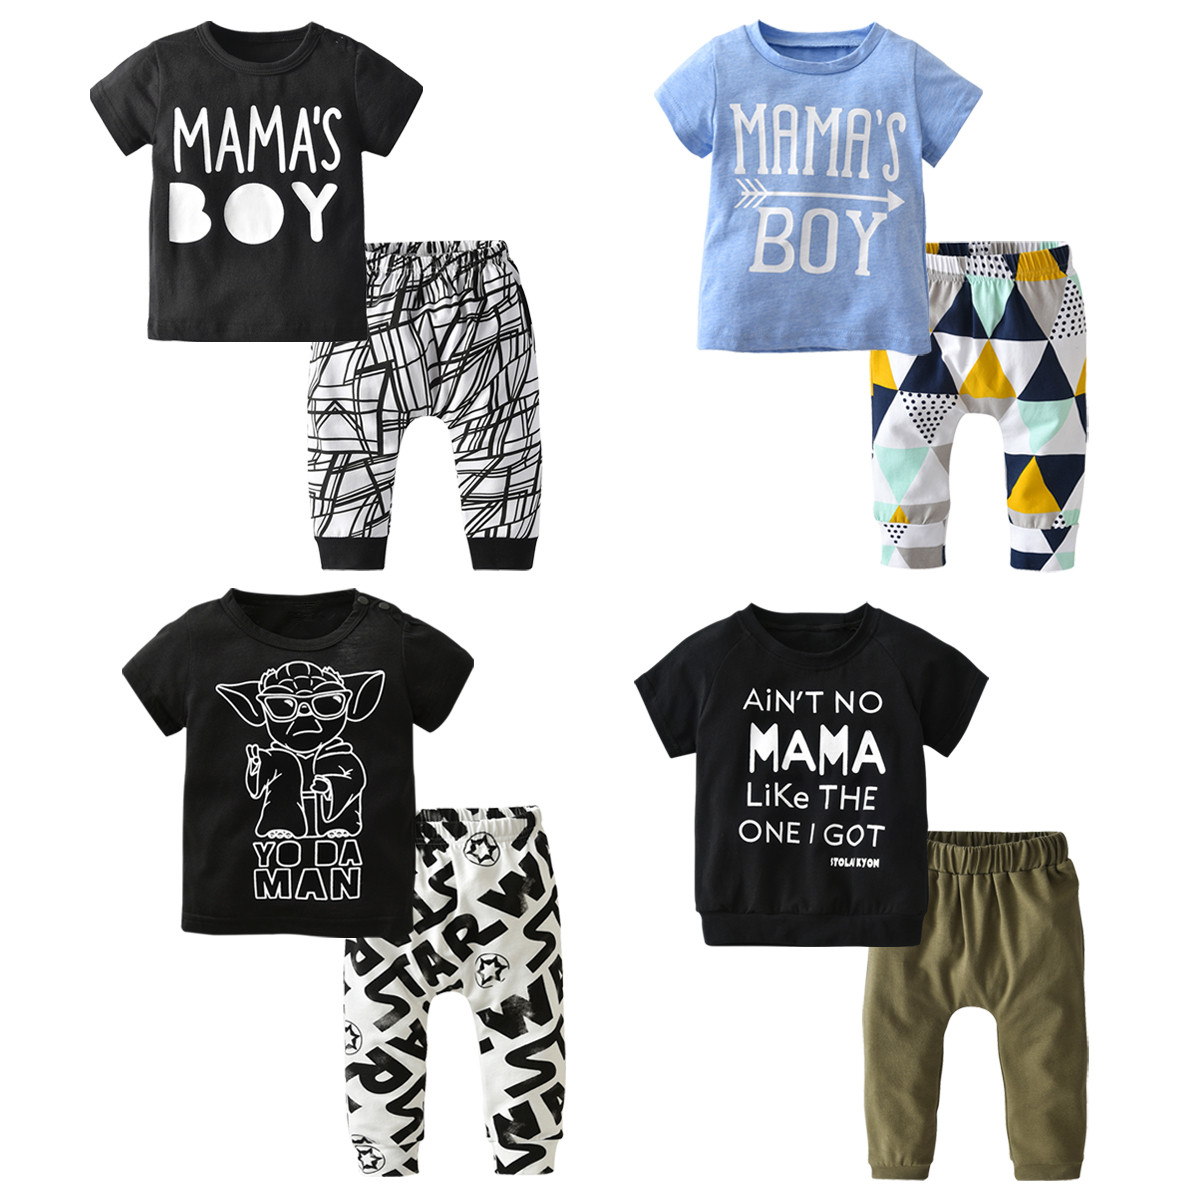 Conjunto de ropa para bebé recién nacido, camiseta de manga corta con estampado de letras de algodón y pantalones informales, trajes para niño pequeño